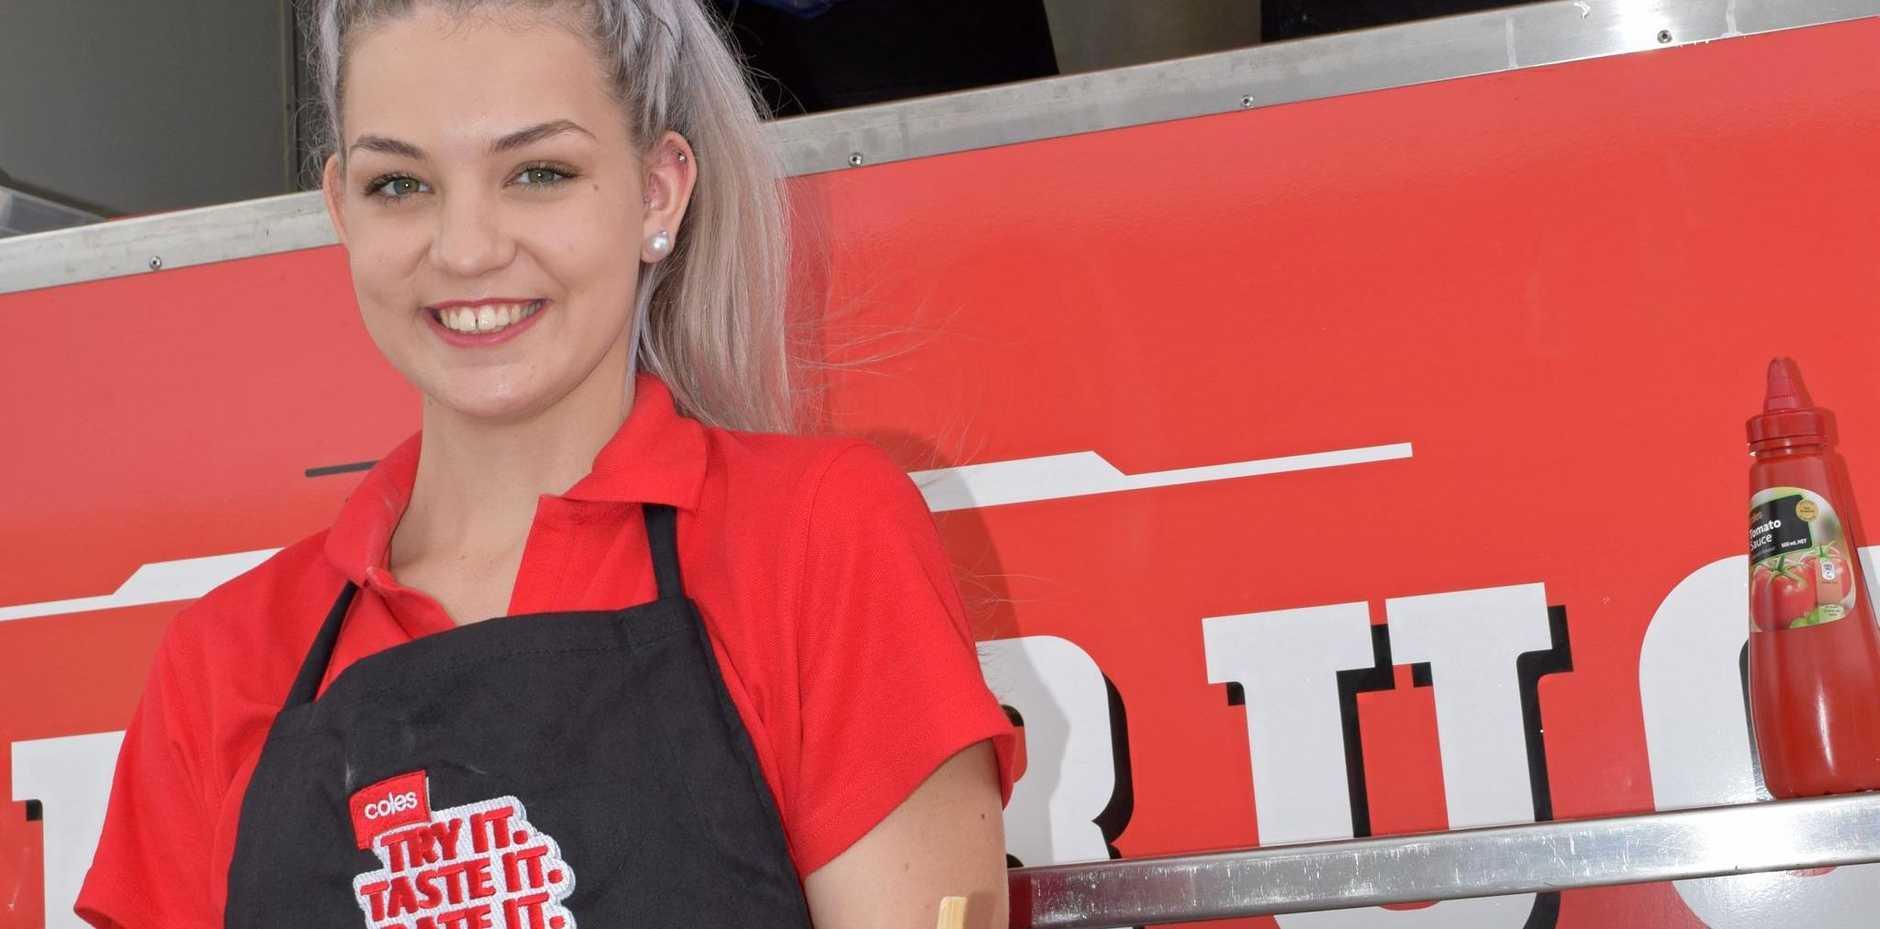 Coles food van giving away free burgers.